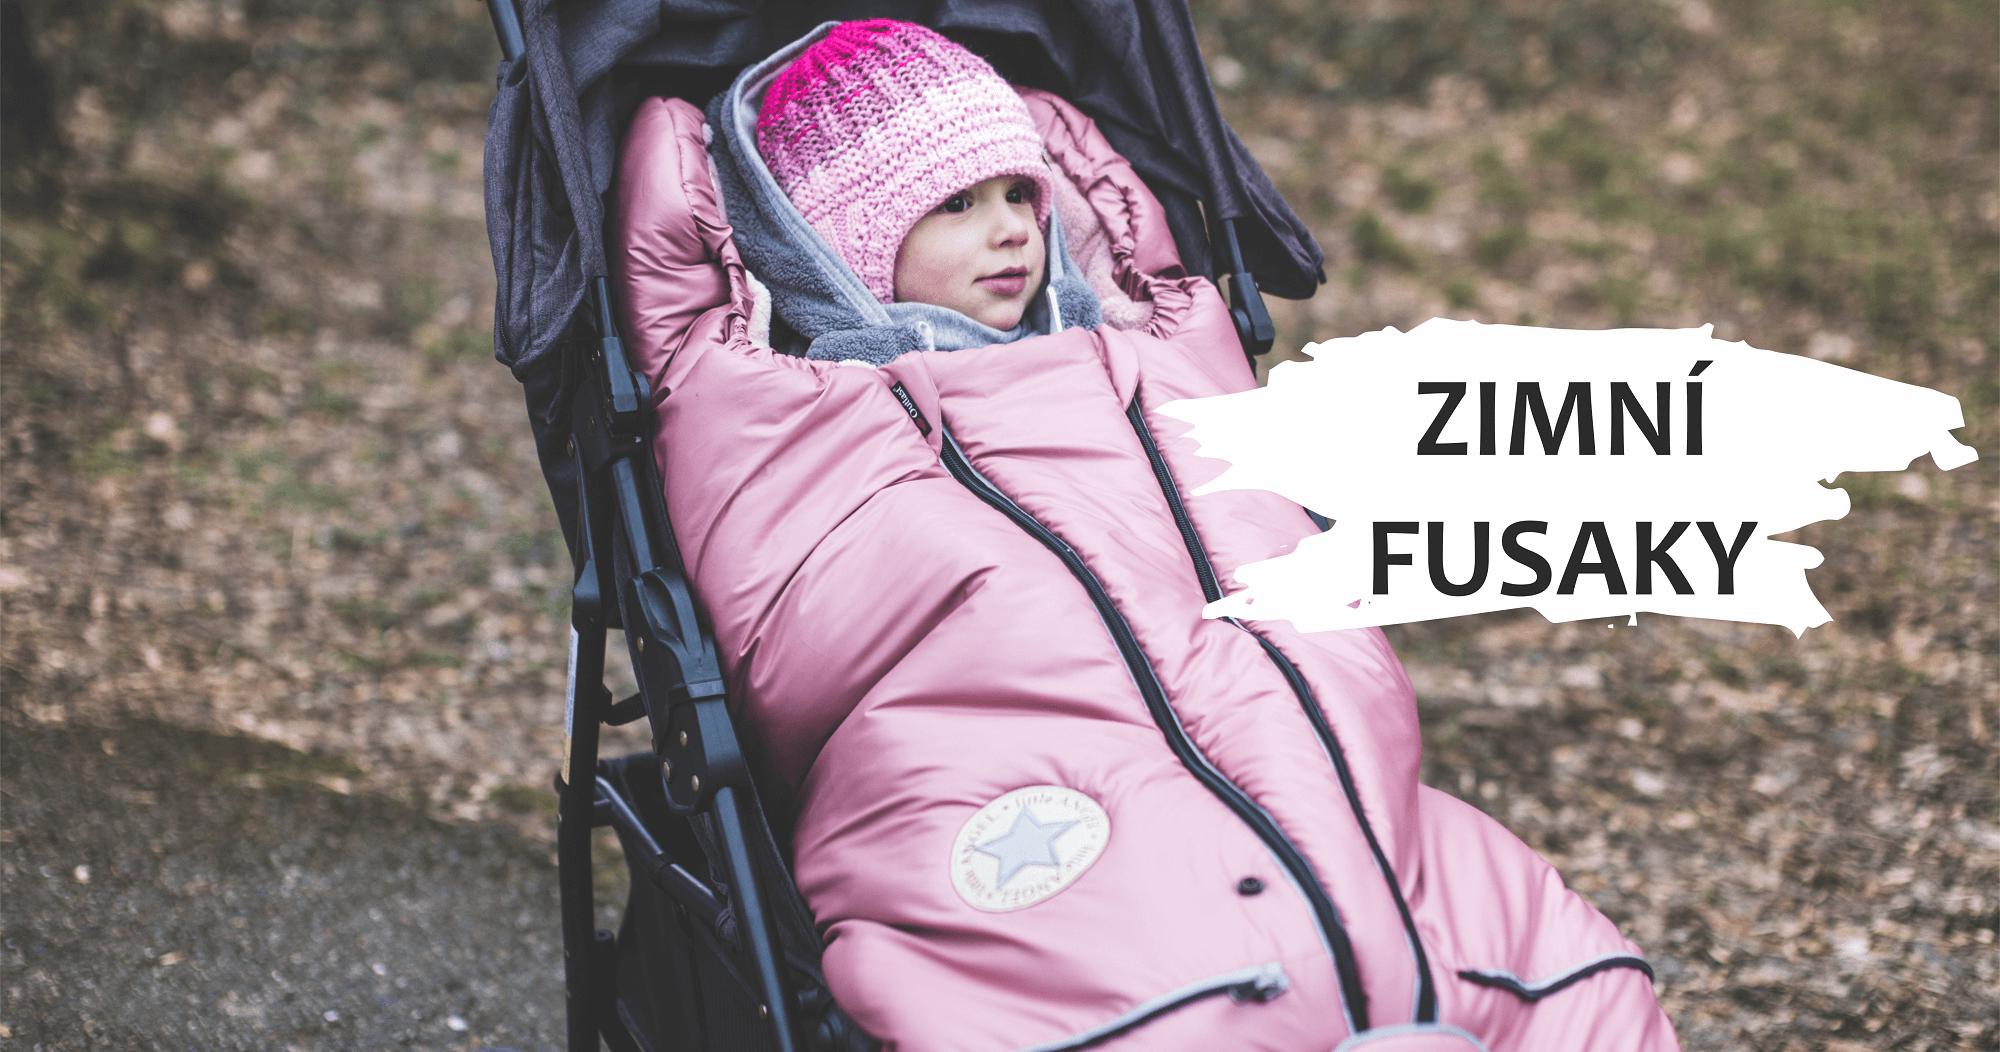 Rostoucí fusaky od českého výrobce.